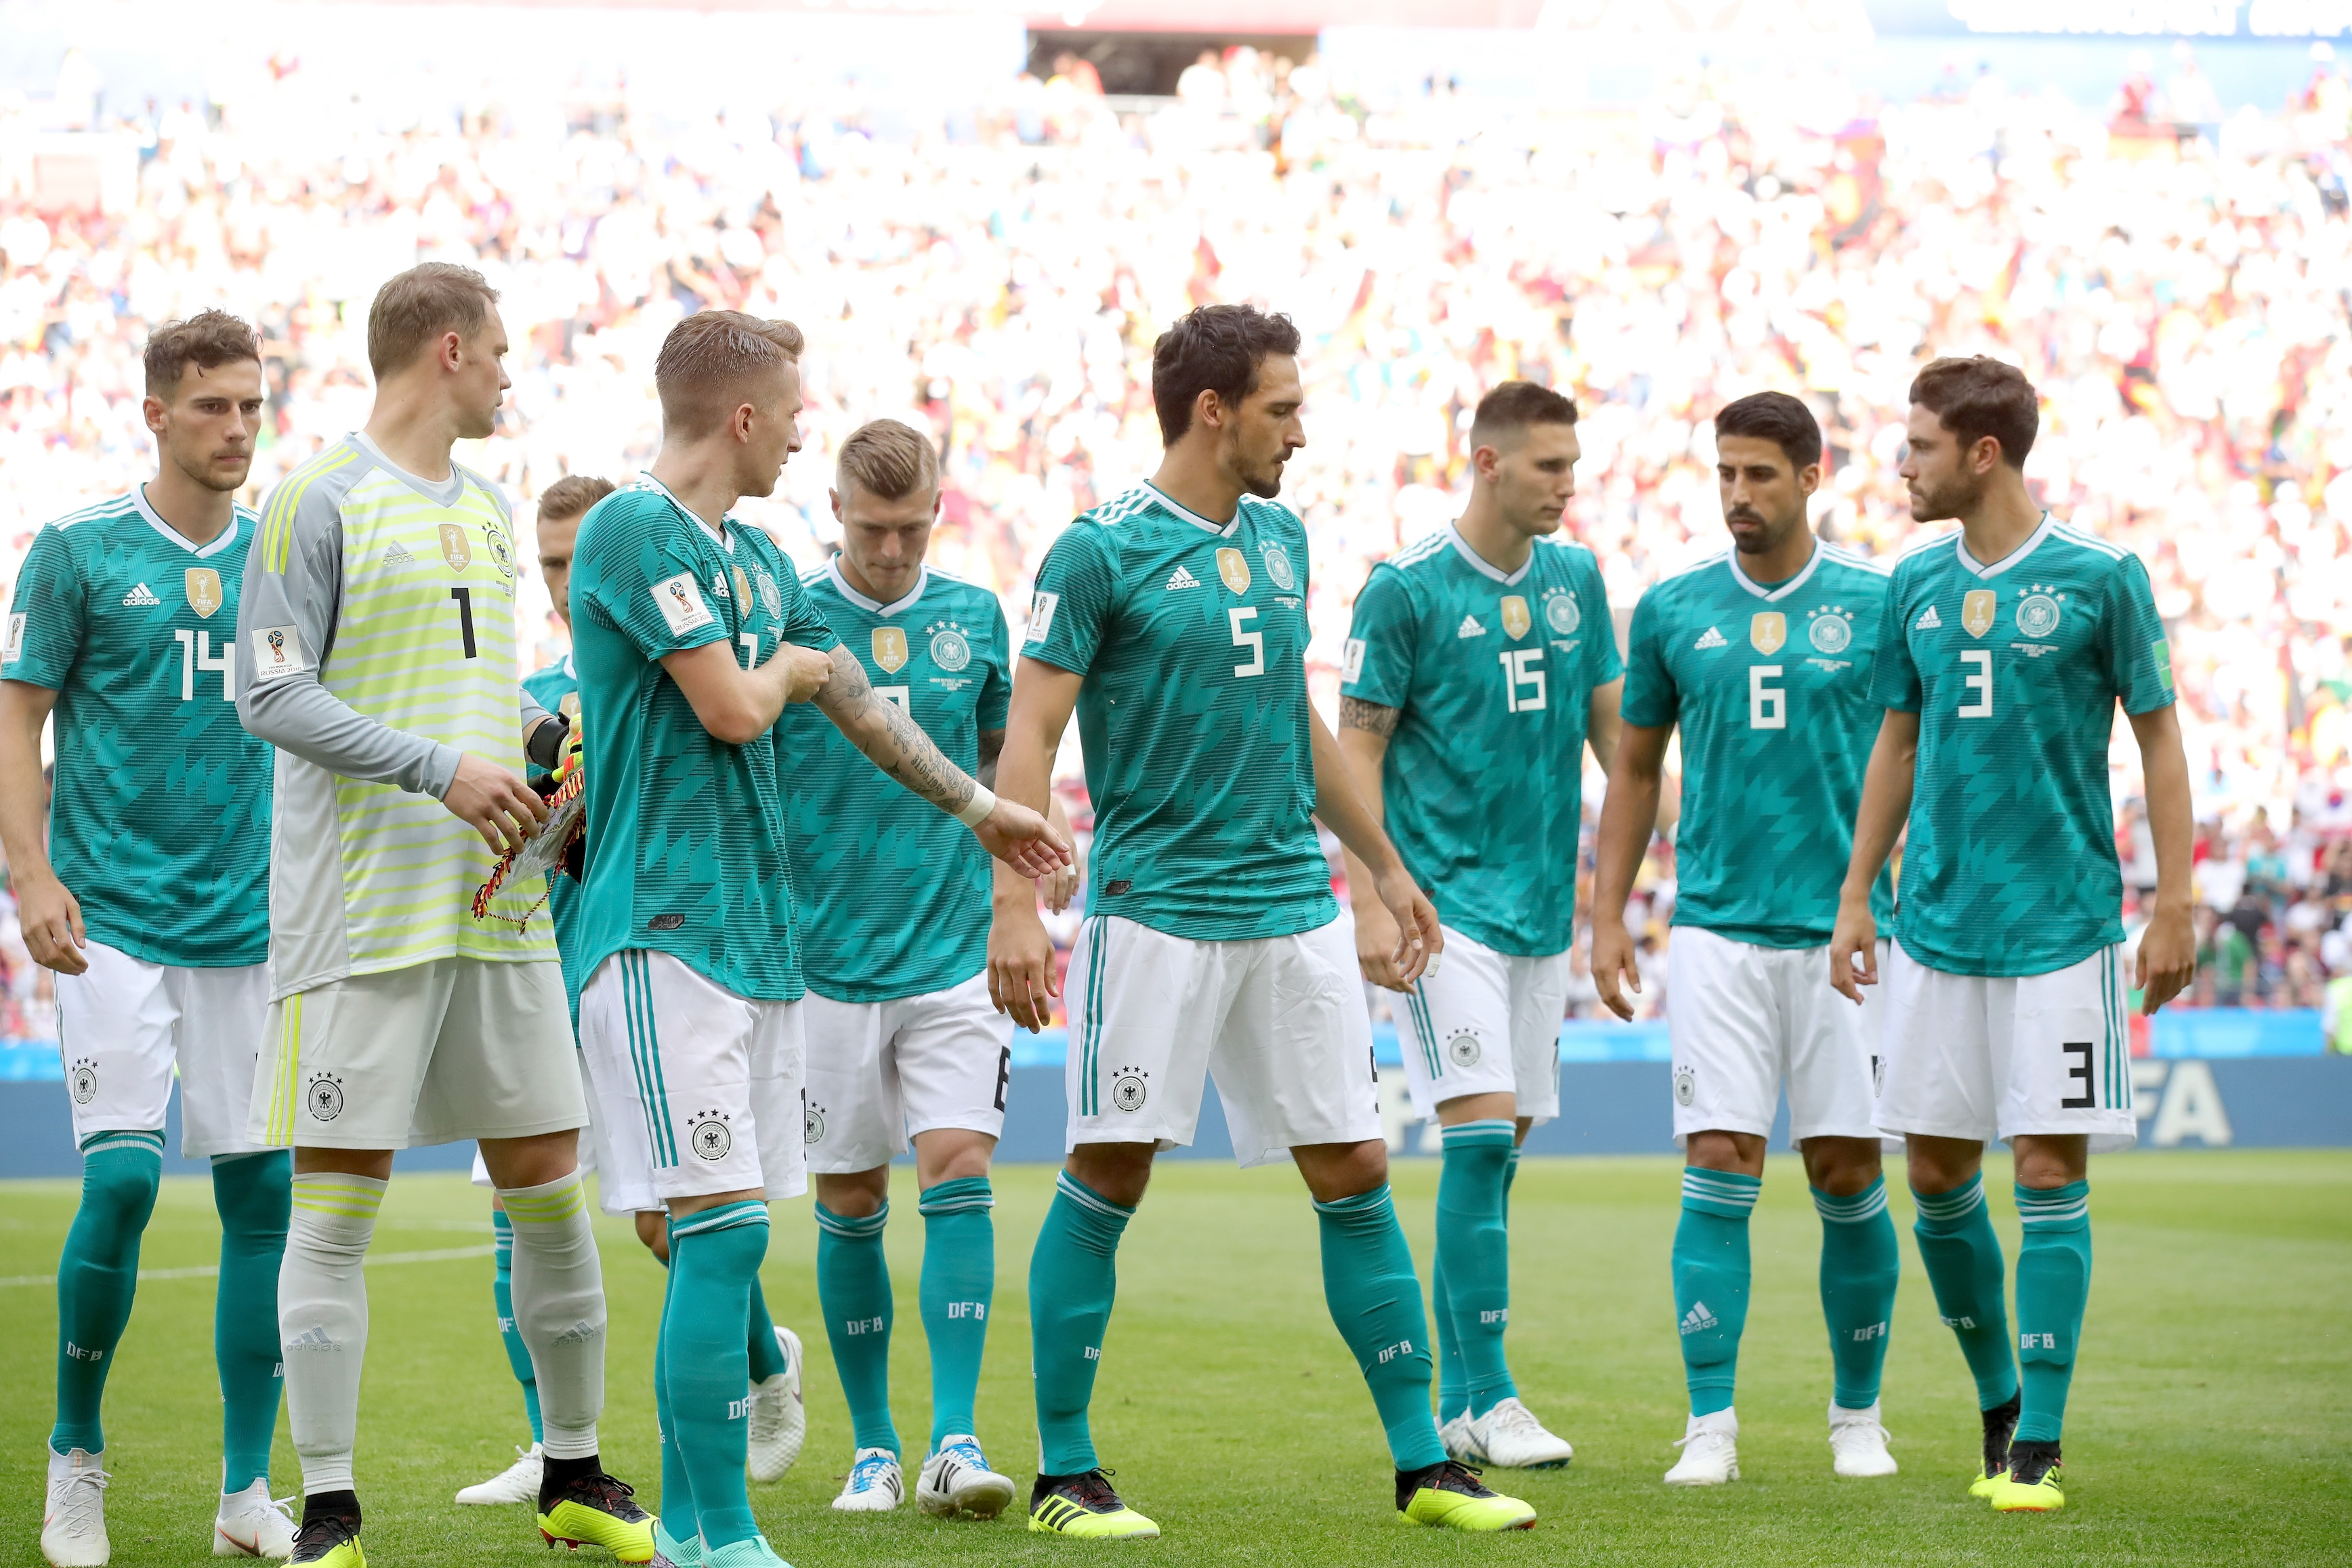 Националният отбор на Германия по футбол ще продължи да използва